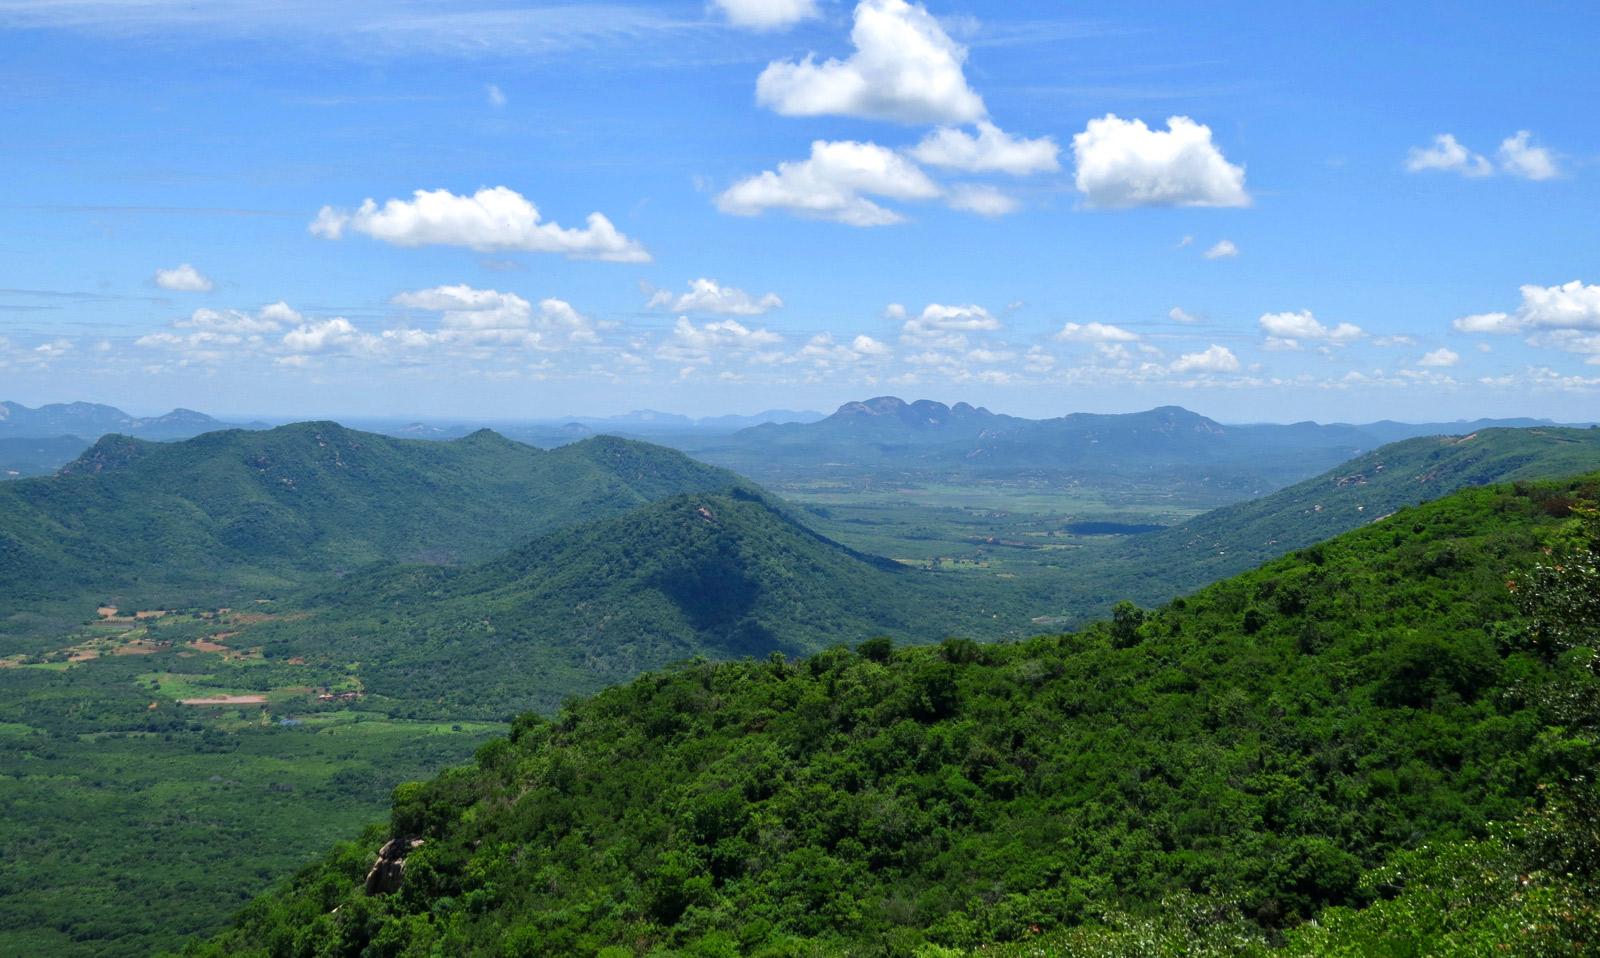 Weiter, schier endloser Blick über begrünte Berglandschaften in Martins, Rio Grande do Norte in Brasilien